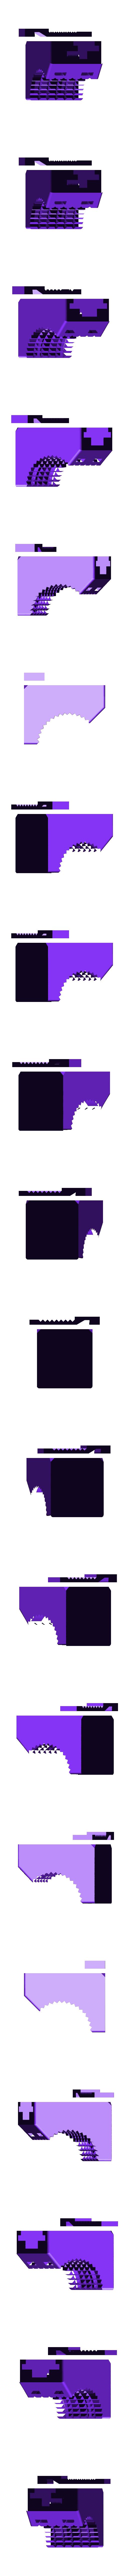 26mm_snapfit_handle_base_remix.stl Télécharger fichier STL gratuit poignée encliquetable pour montage sur barre (moletée, 22mm-34mm) • Objet imprimable en 3D, CyberCyclist